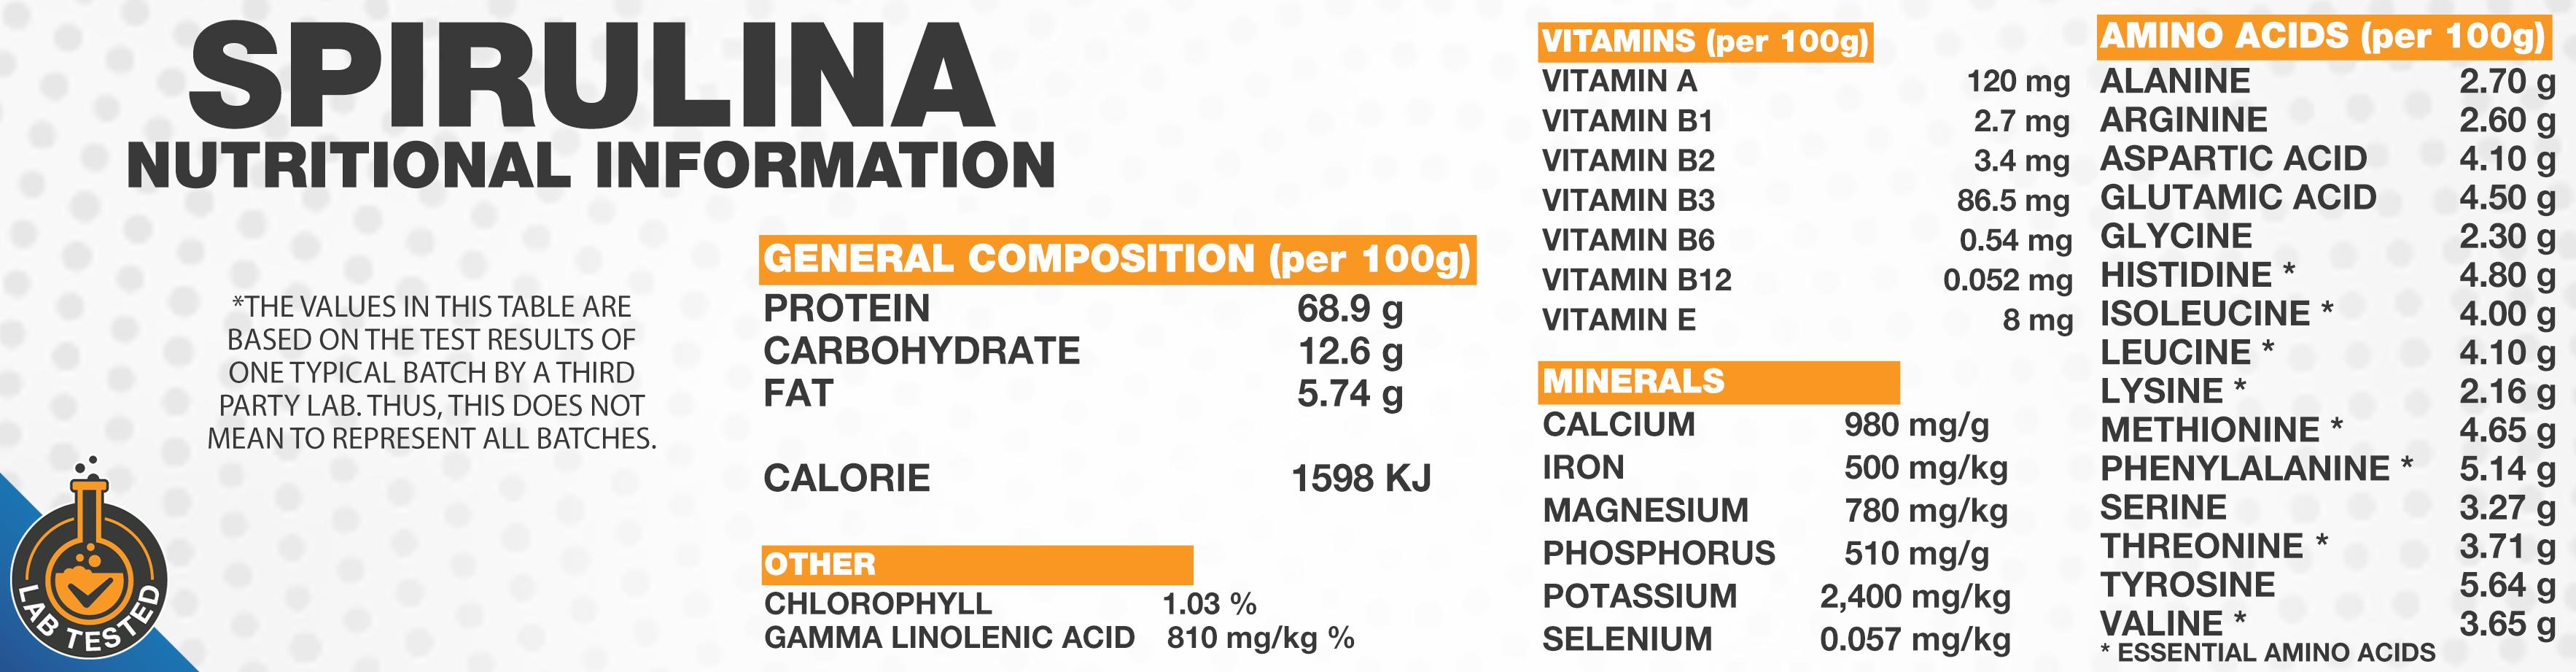 spirulina-nutrition-banner.jpg